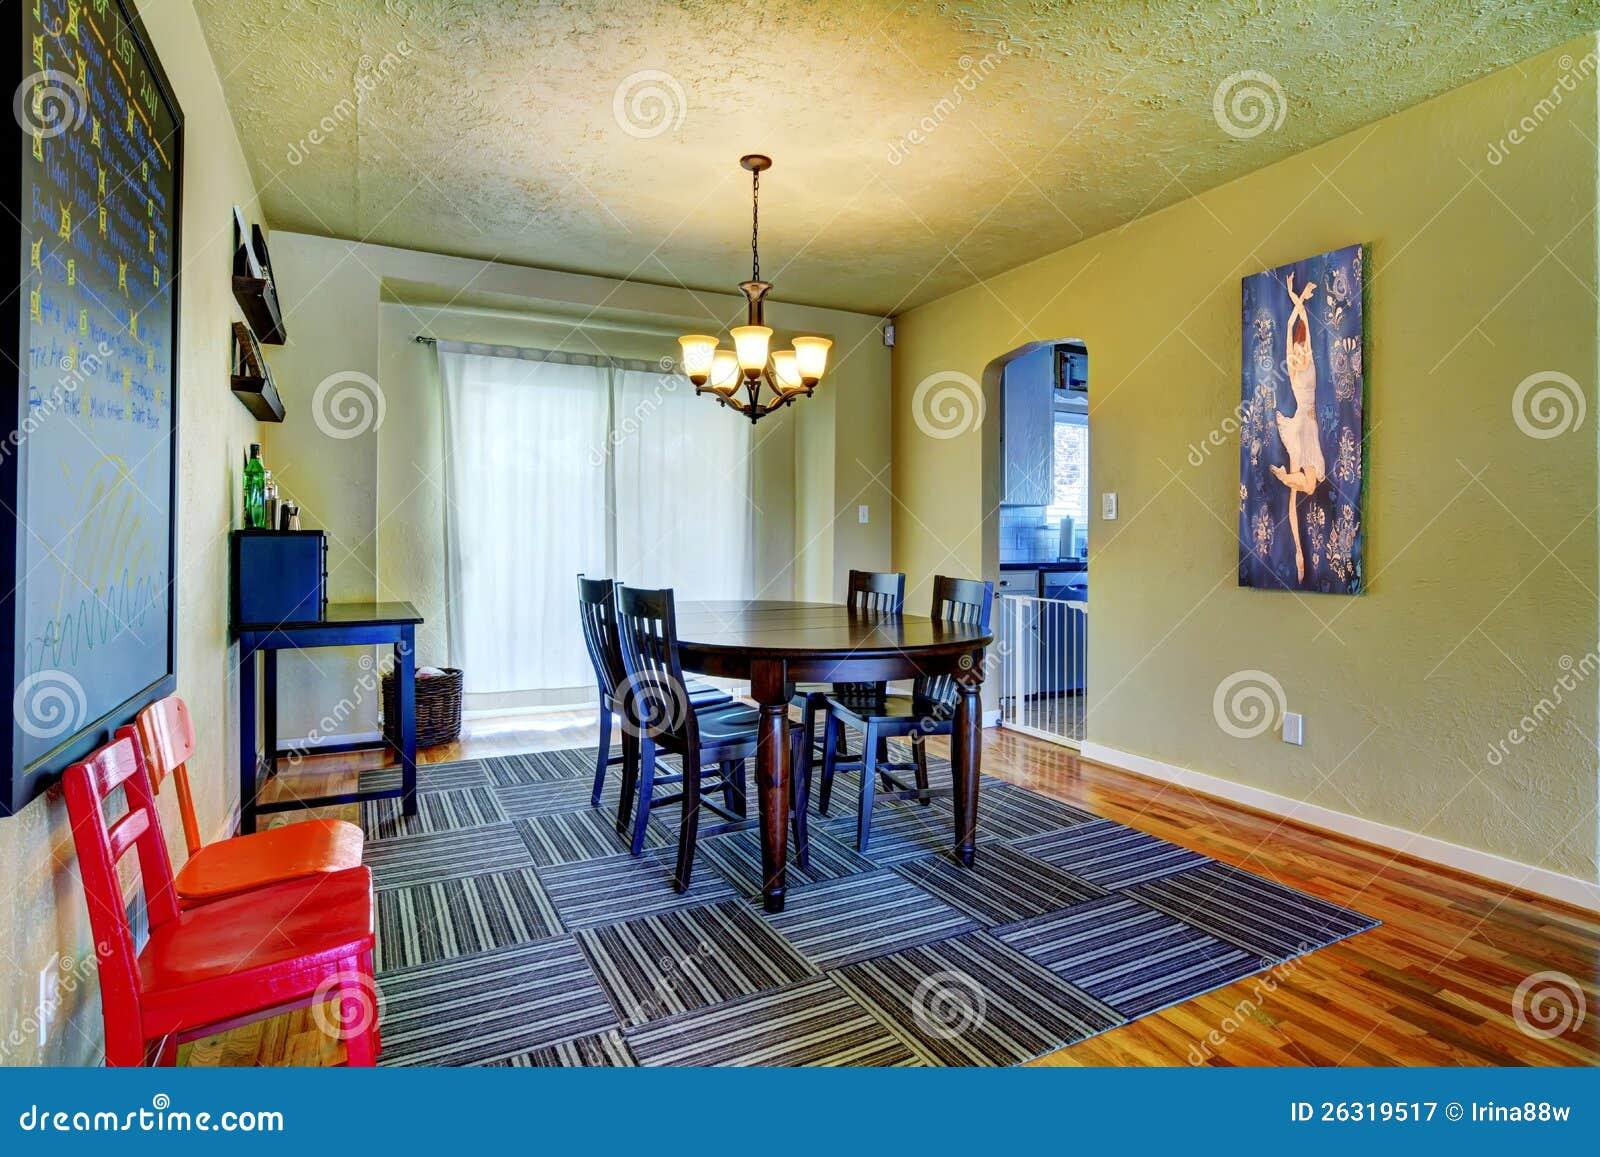 Eetkamer met groene muren zwarte lijst en grijze deken stock afbeelding afbeelding 26319517 - Grijze en zwarte kamer ...